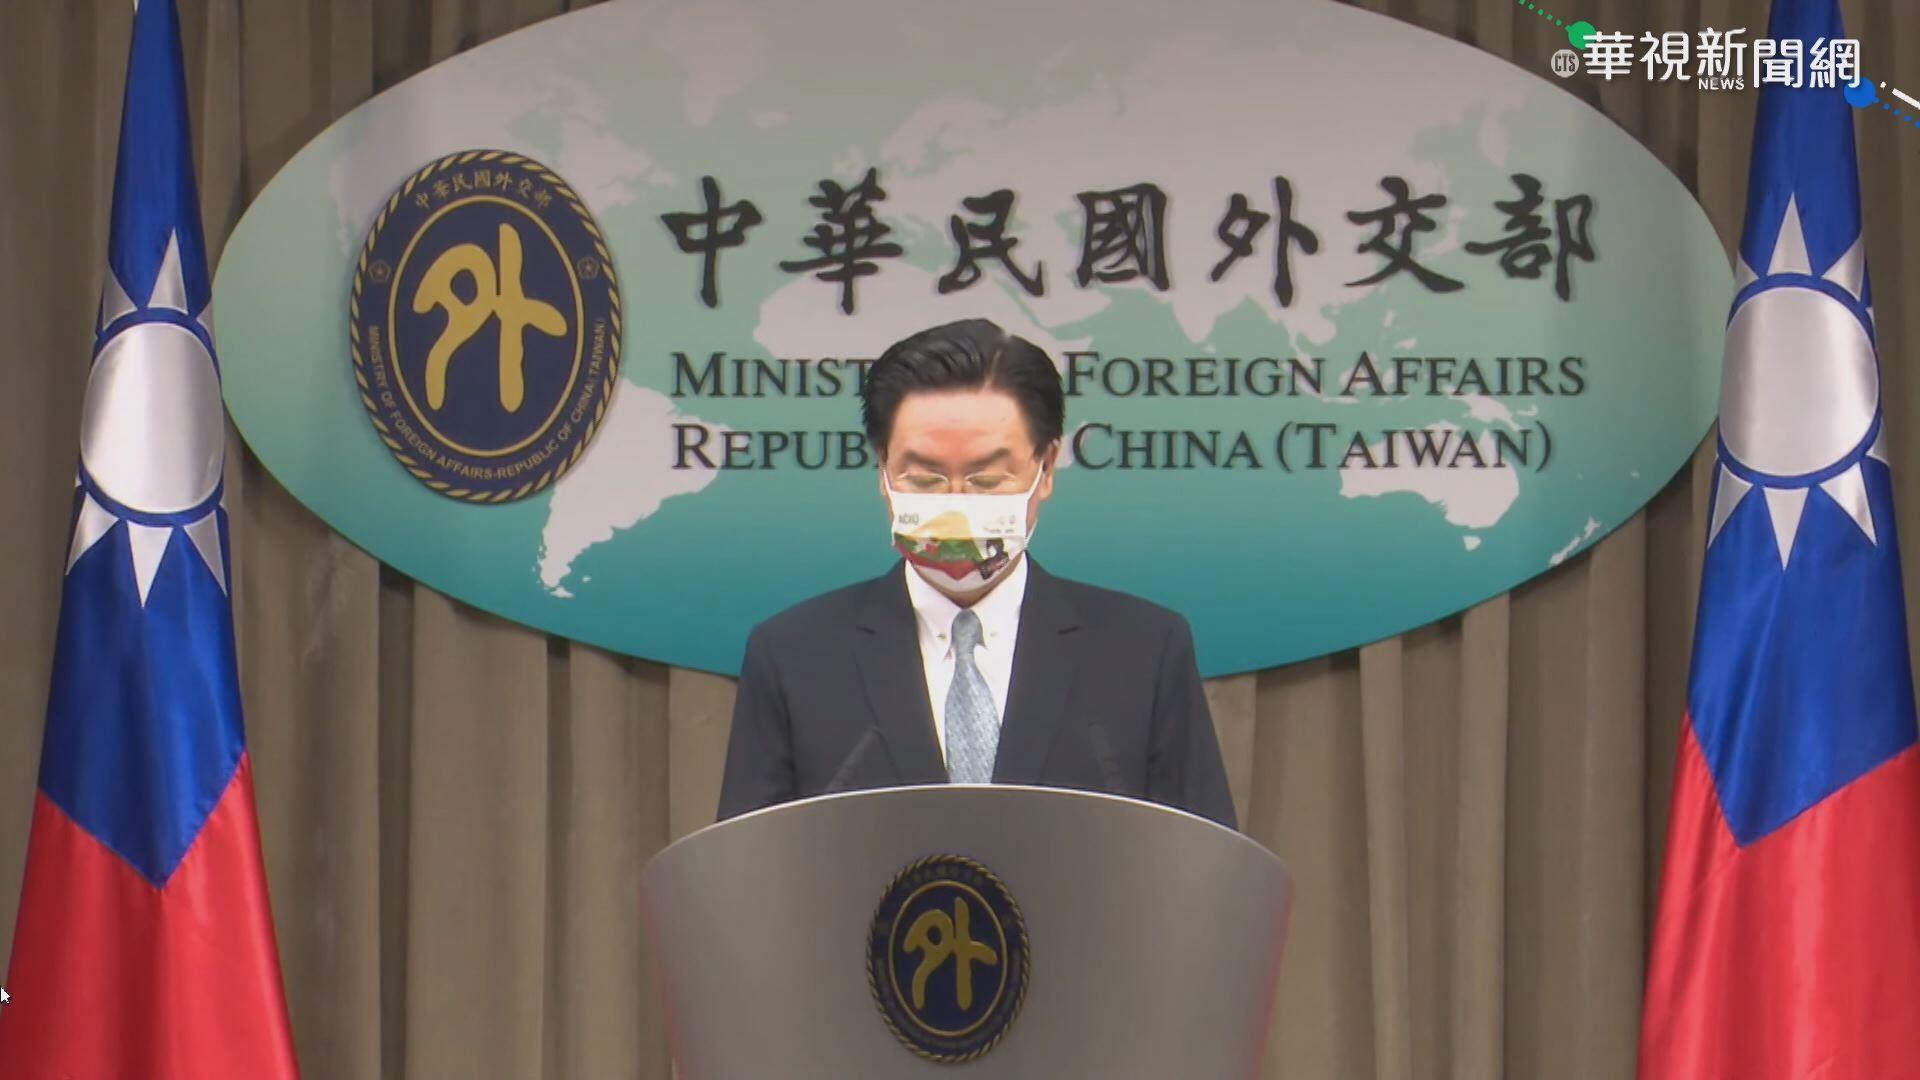 立陶宛將設台灣代表處 中邦交國首例!